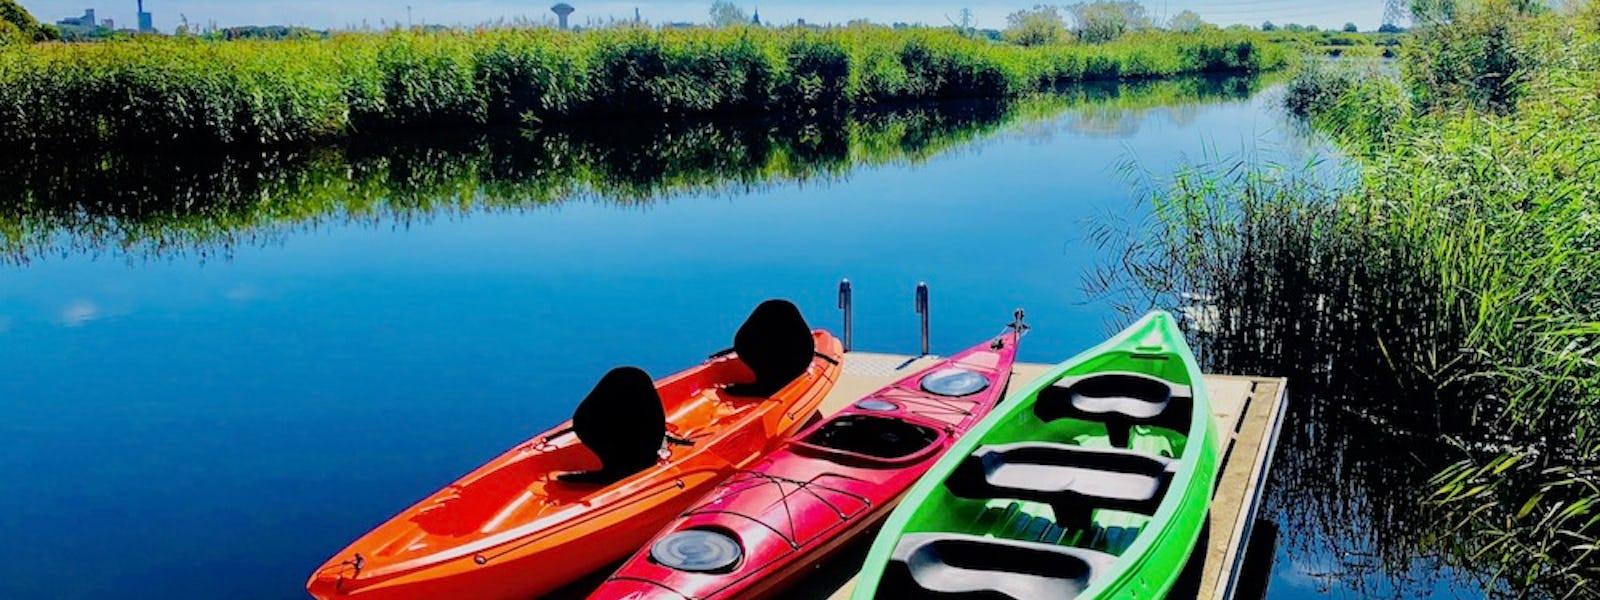 Bild - Paddla kanot eller kajak